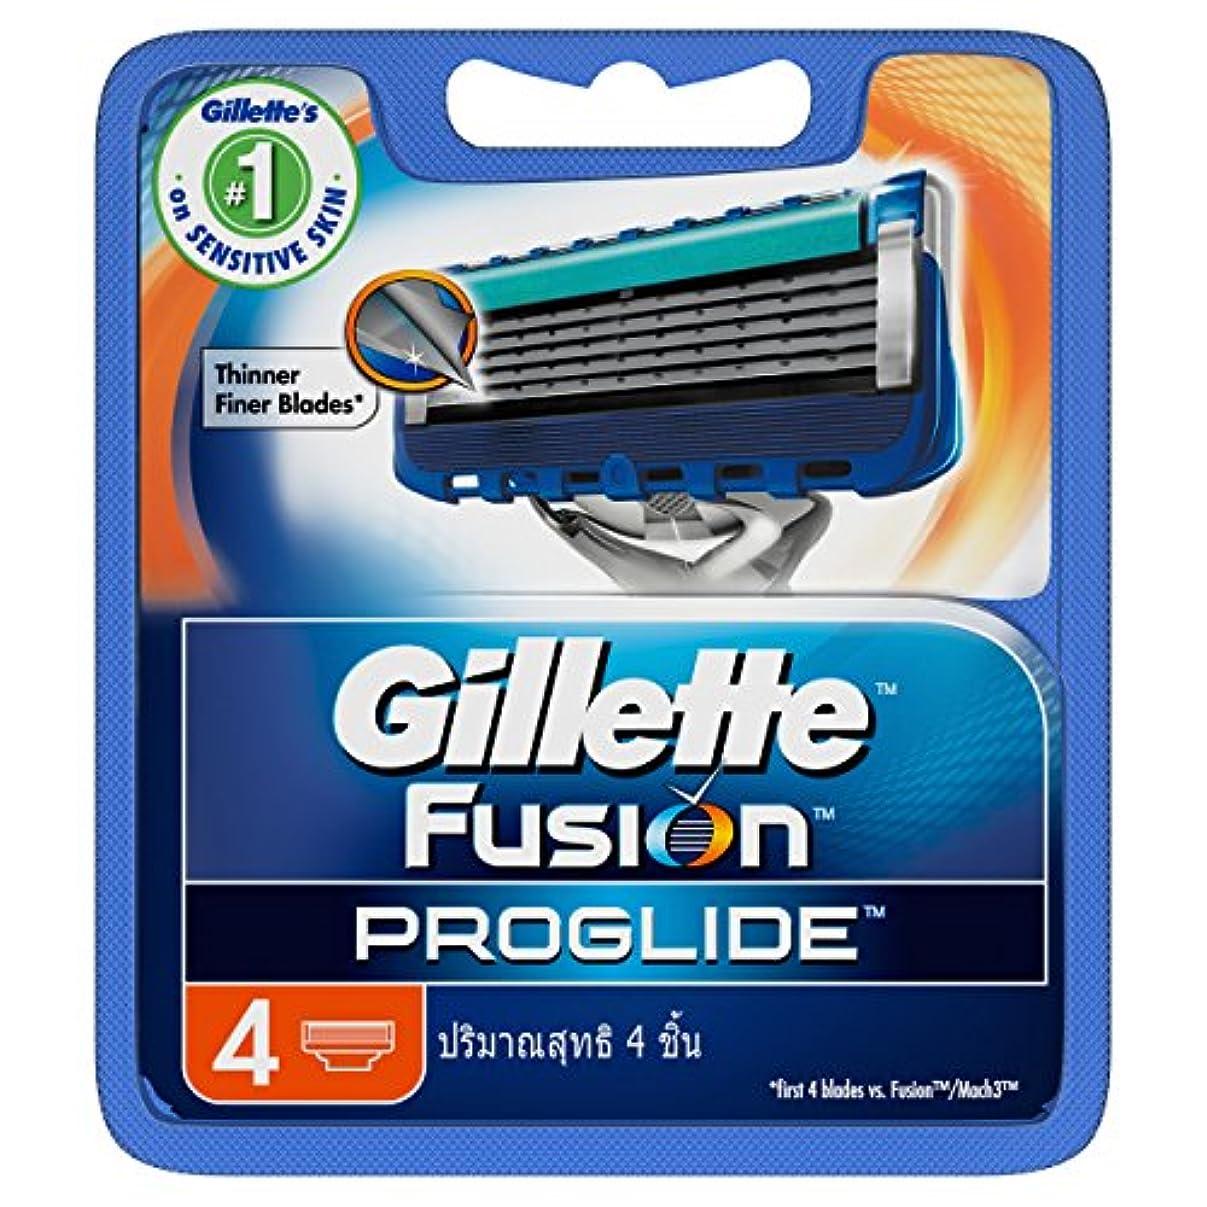 シンジケートバケツ軌道Gillette Fusion Proglide Shaving Cartridges 4